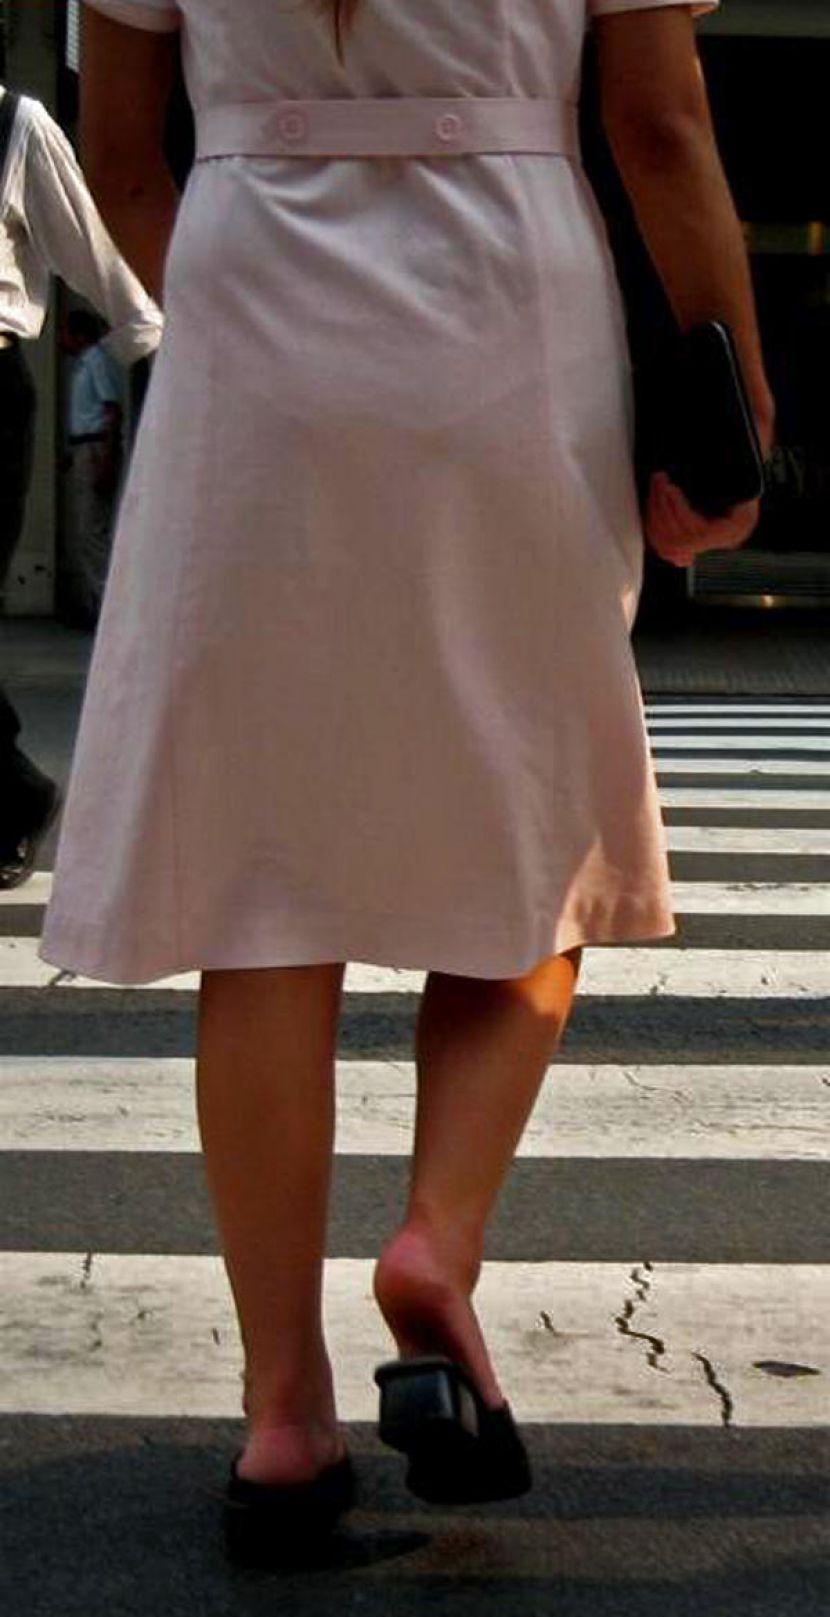 【下着透けエロ画像】薄手の服やスカートでブラジャーやパンティーラインが透けちゃったり、雨でランジェリーが濡れ透け状態になってる下着透けのエロ画像集!ww【80枚】 74